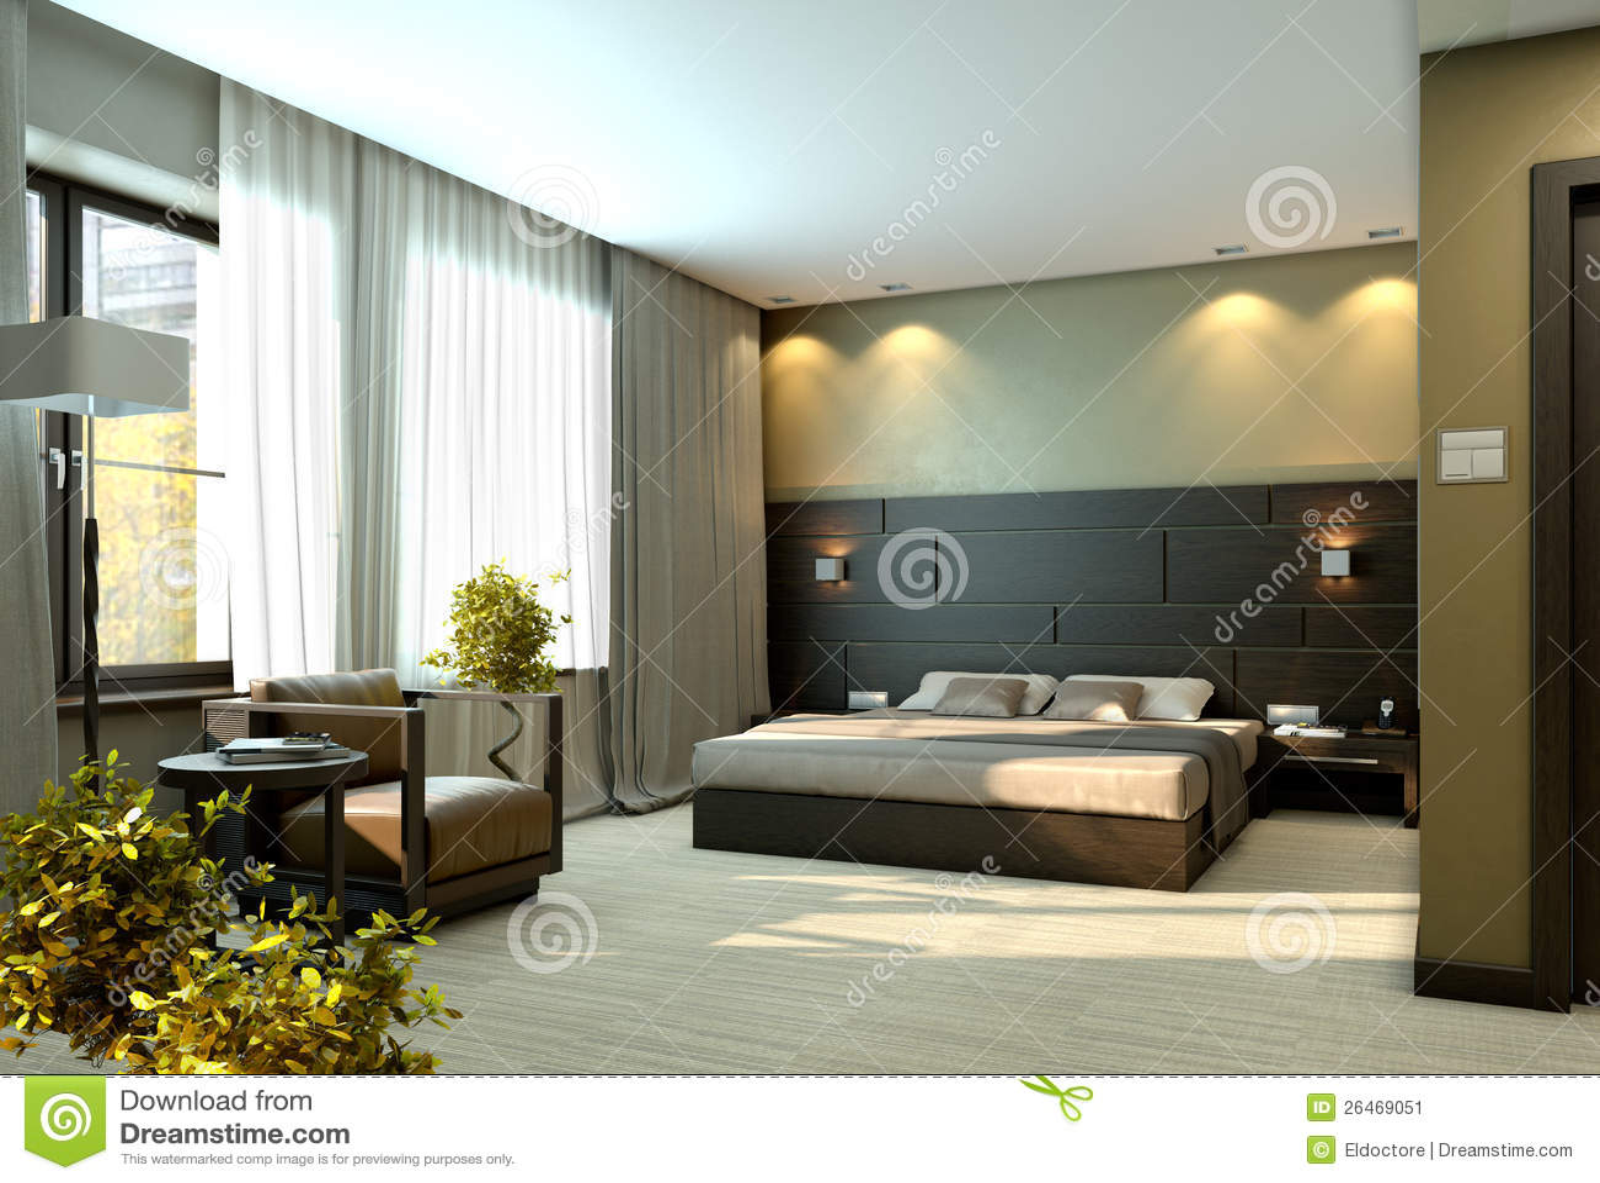 chambre coucher beige de luxe moderne image stock image du cr ateur h tel 26469051. Black Bedroom Furniture Sets. Home Design Ideas